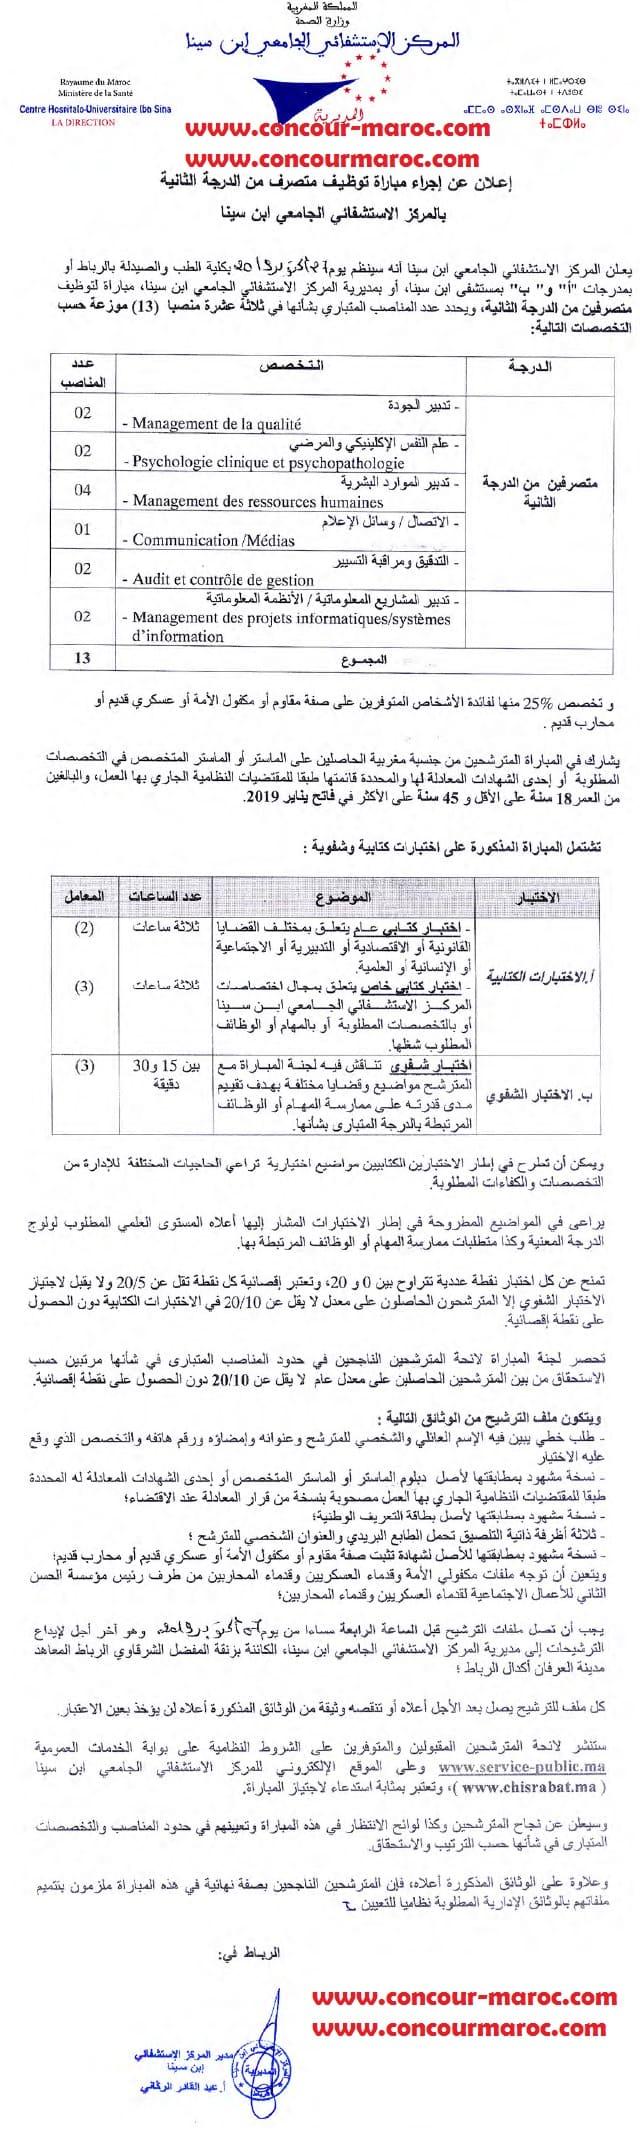 المركز الاستشفائي ابن سينا : مباراة لتوظيف 21 منصب في عدة تخصصات و درجات اخر اجل 7 اكتوبر 2019 Aaa_ao16